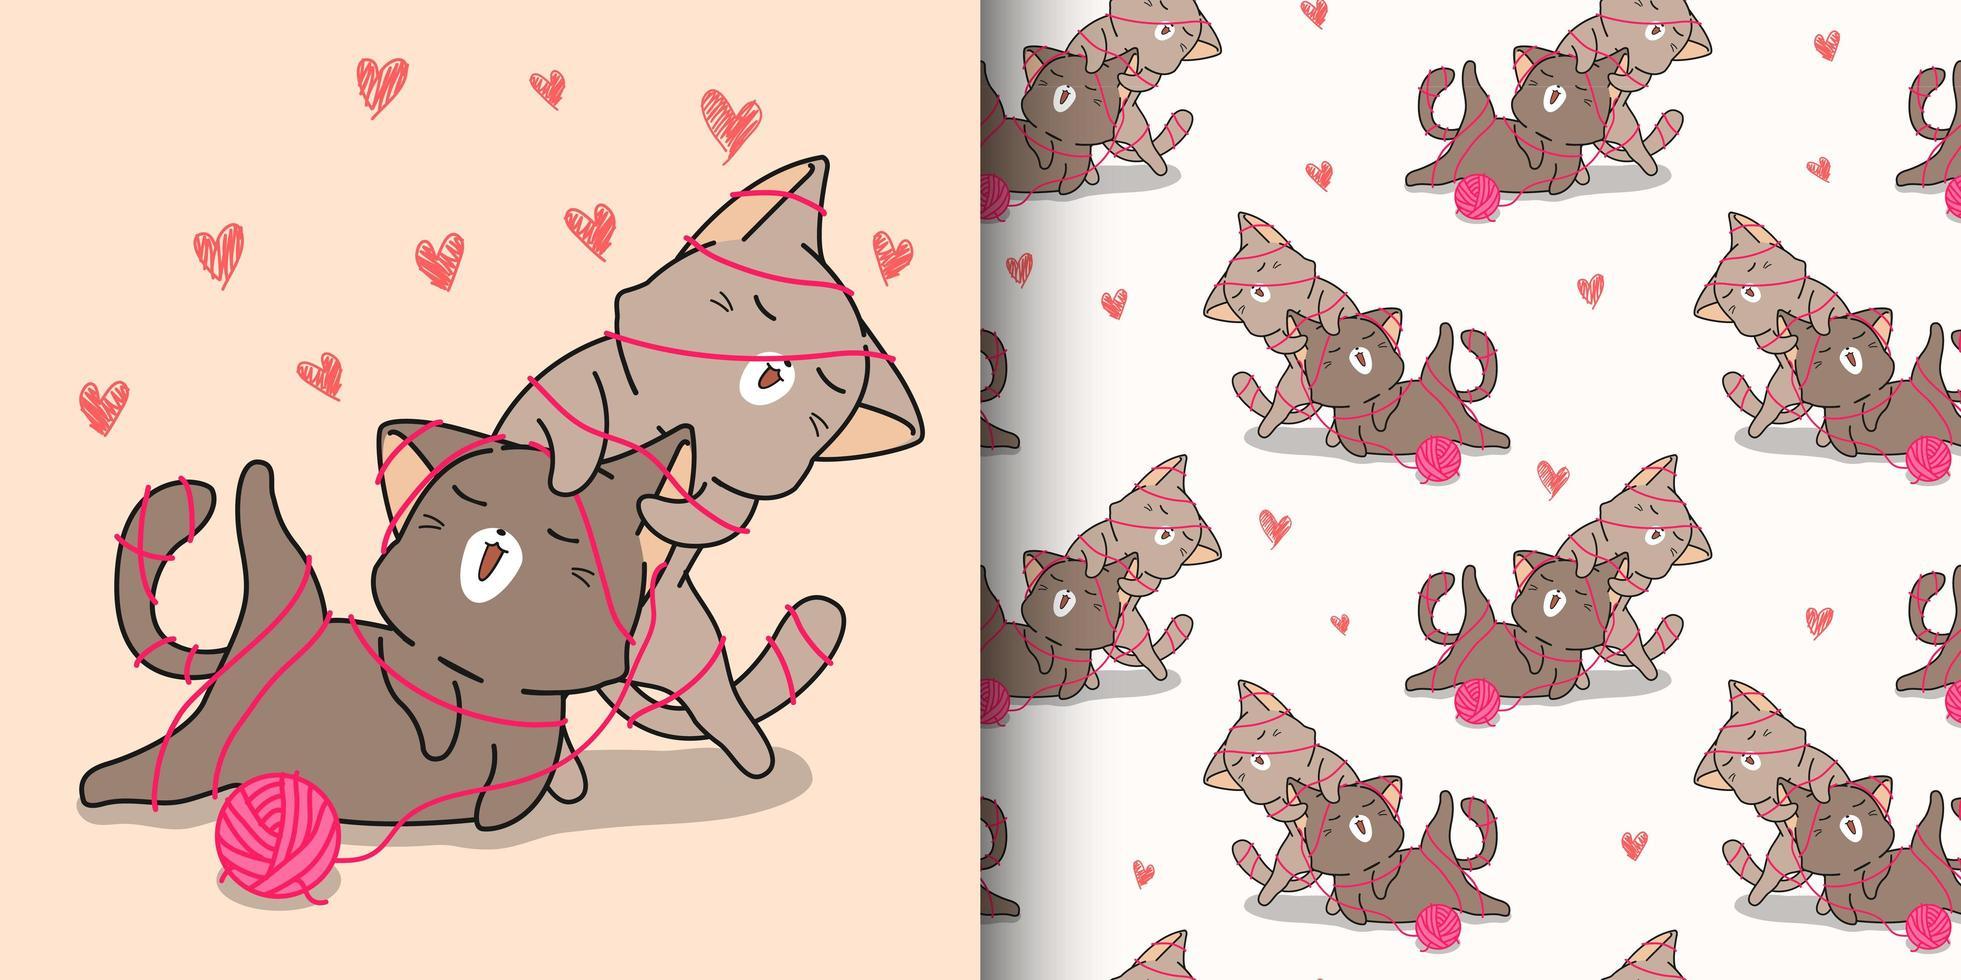 sömlösa mönster kawaii katter älskar och trassligt i garn vektor